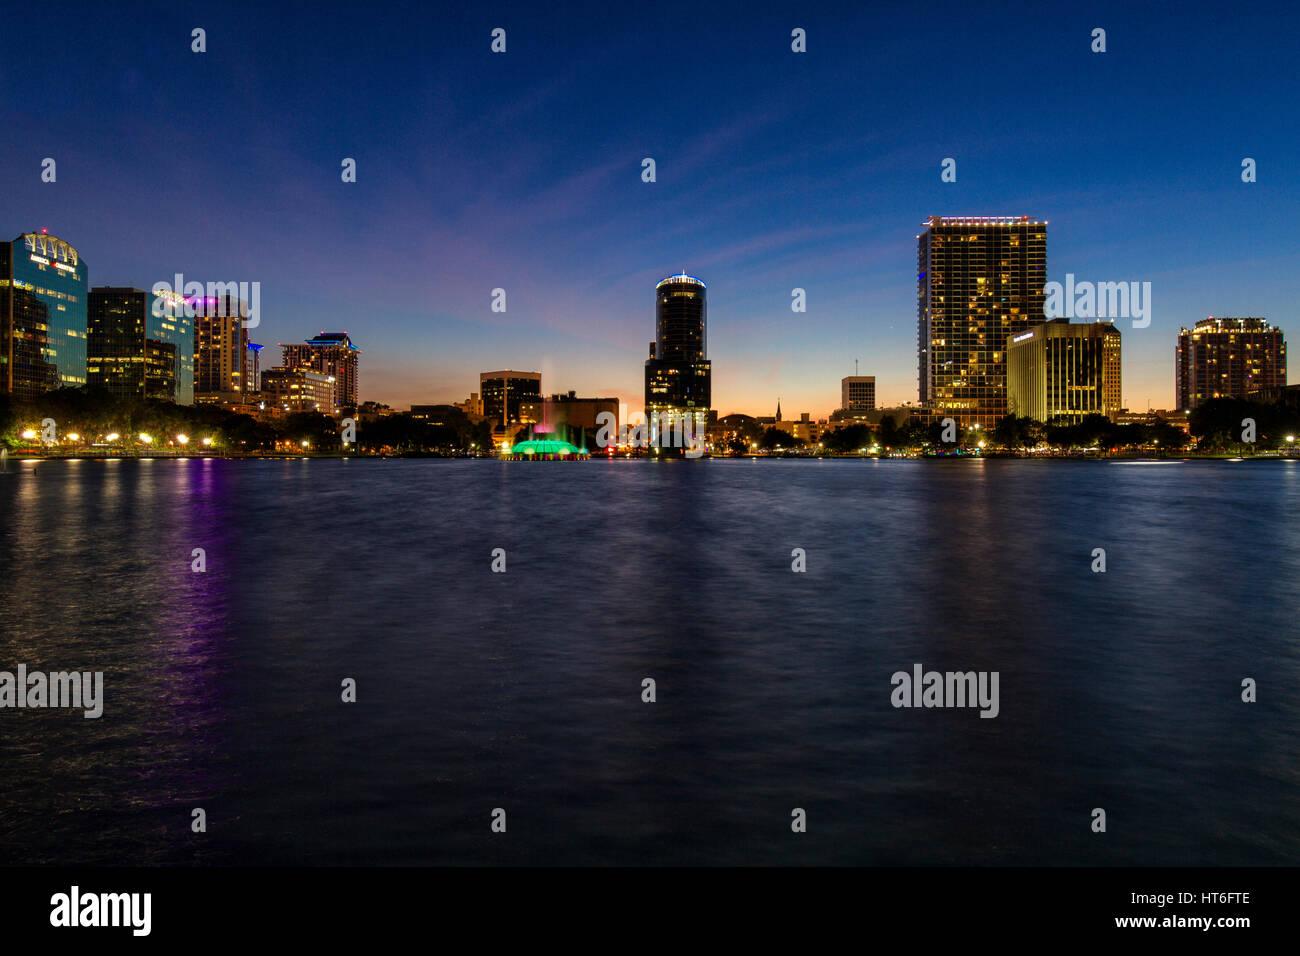 Atardecer En Lake Eola En El Downtown De Orlando Florida En Hora Azul